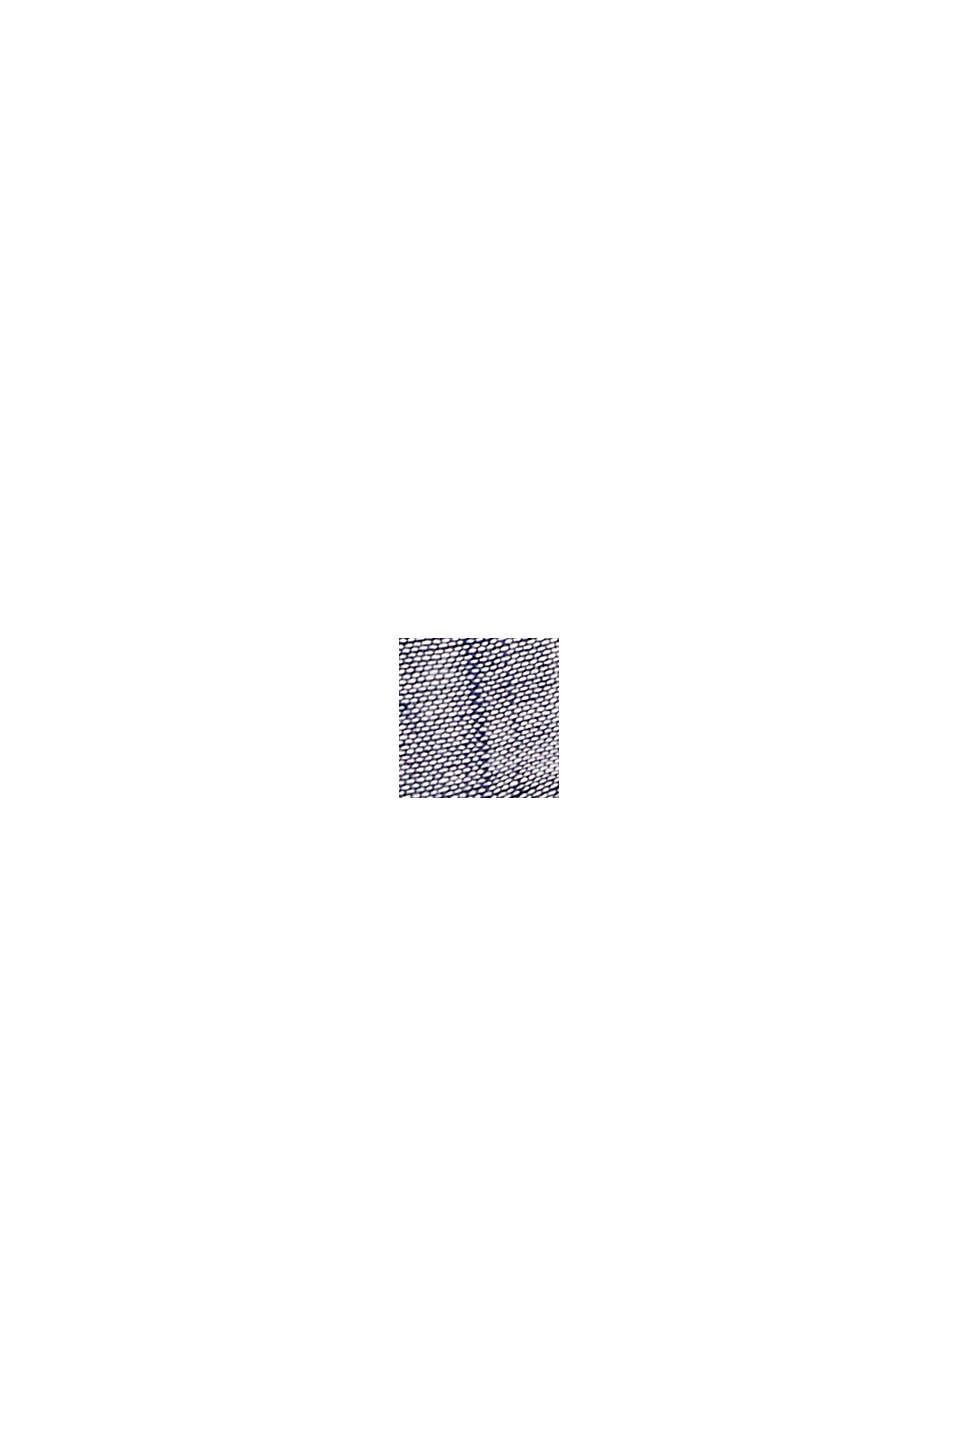 Loop-Schal aus 100% Baumwolle, NAVY, swatch